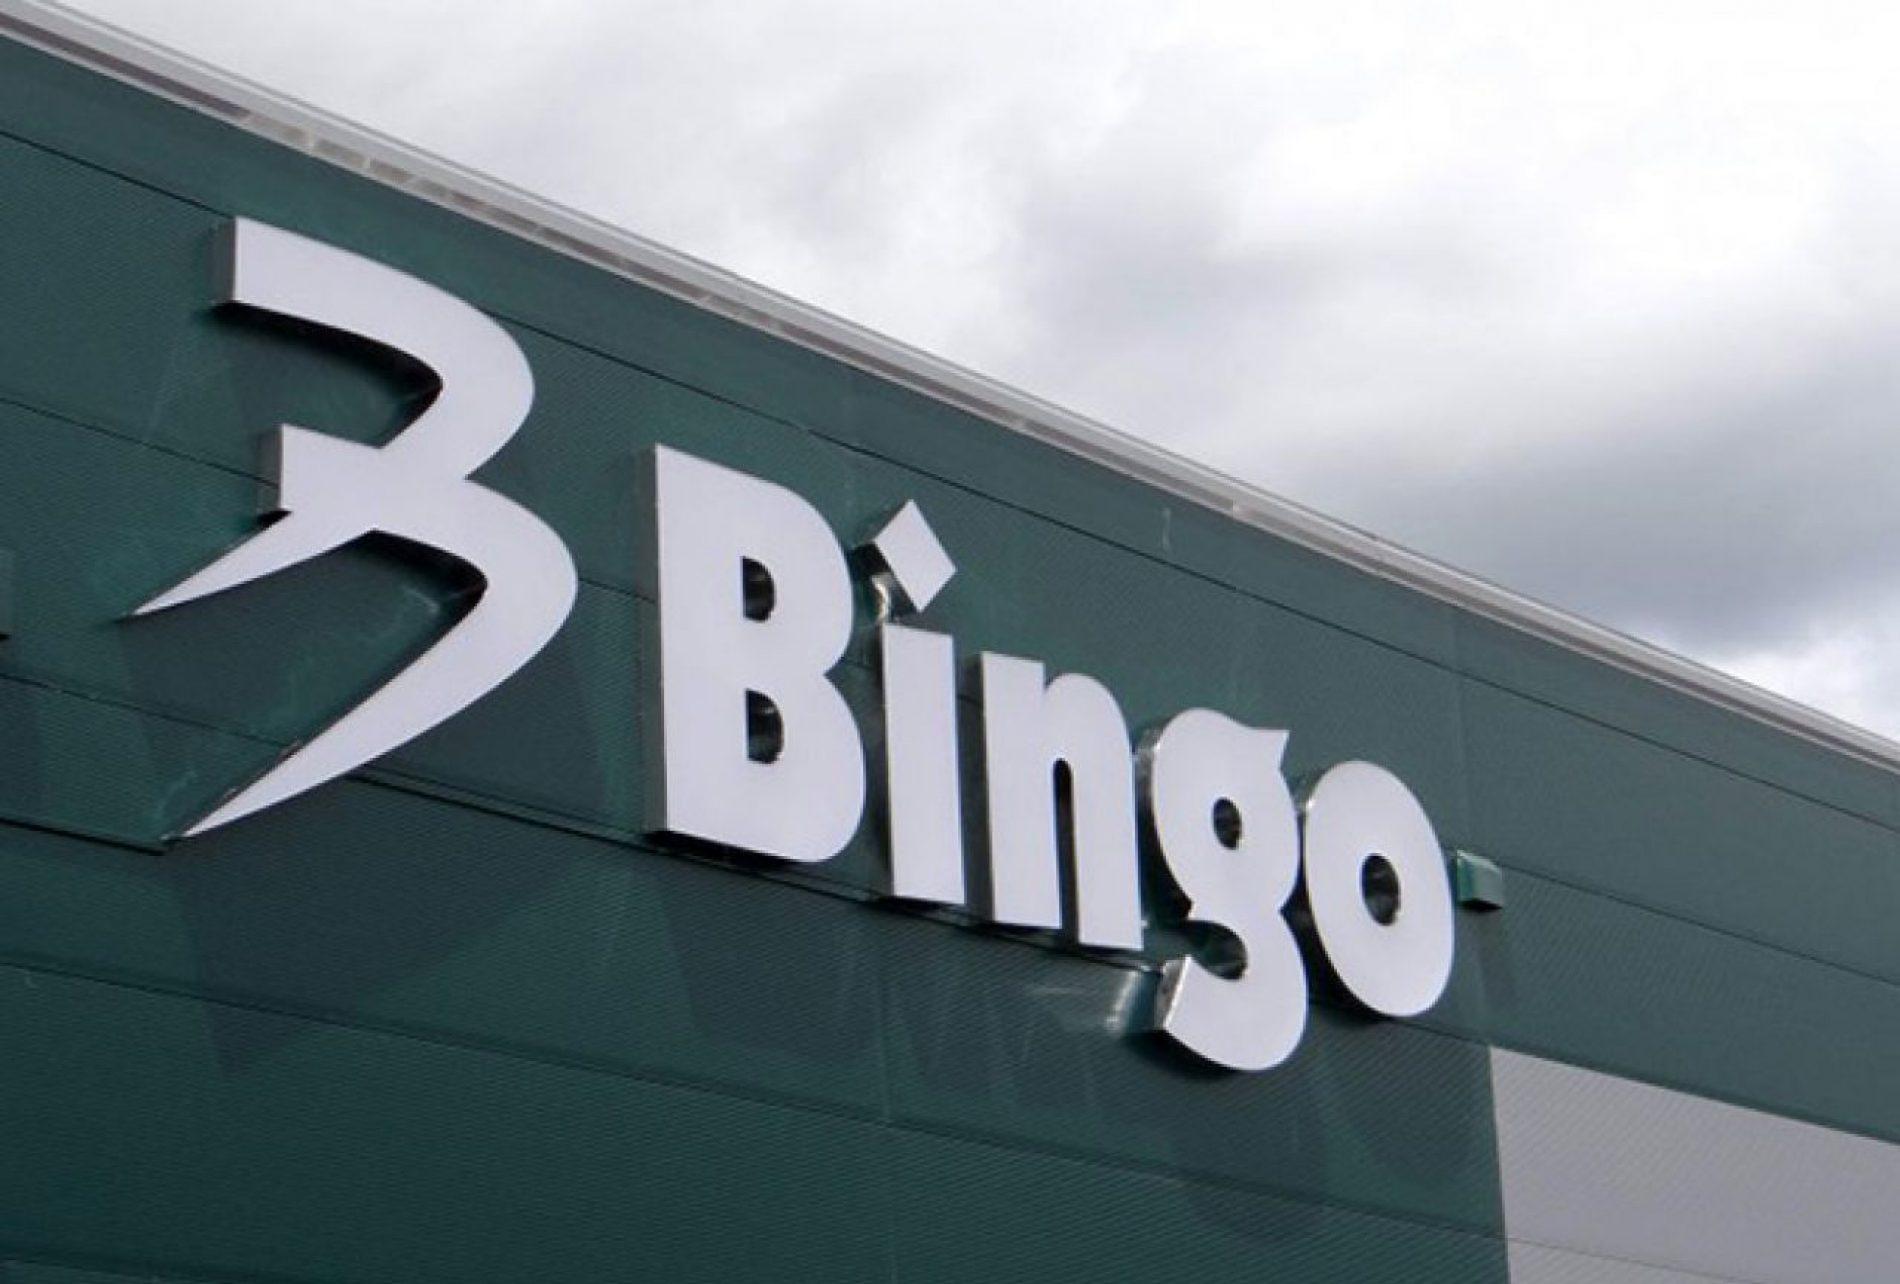 Prihodi kompanije Bingo premašili milijardu maraka!